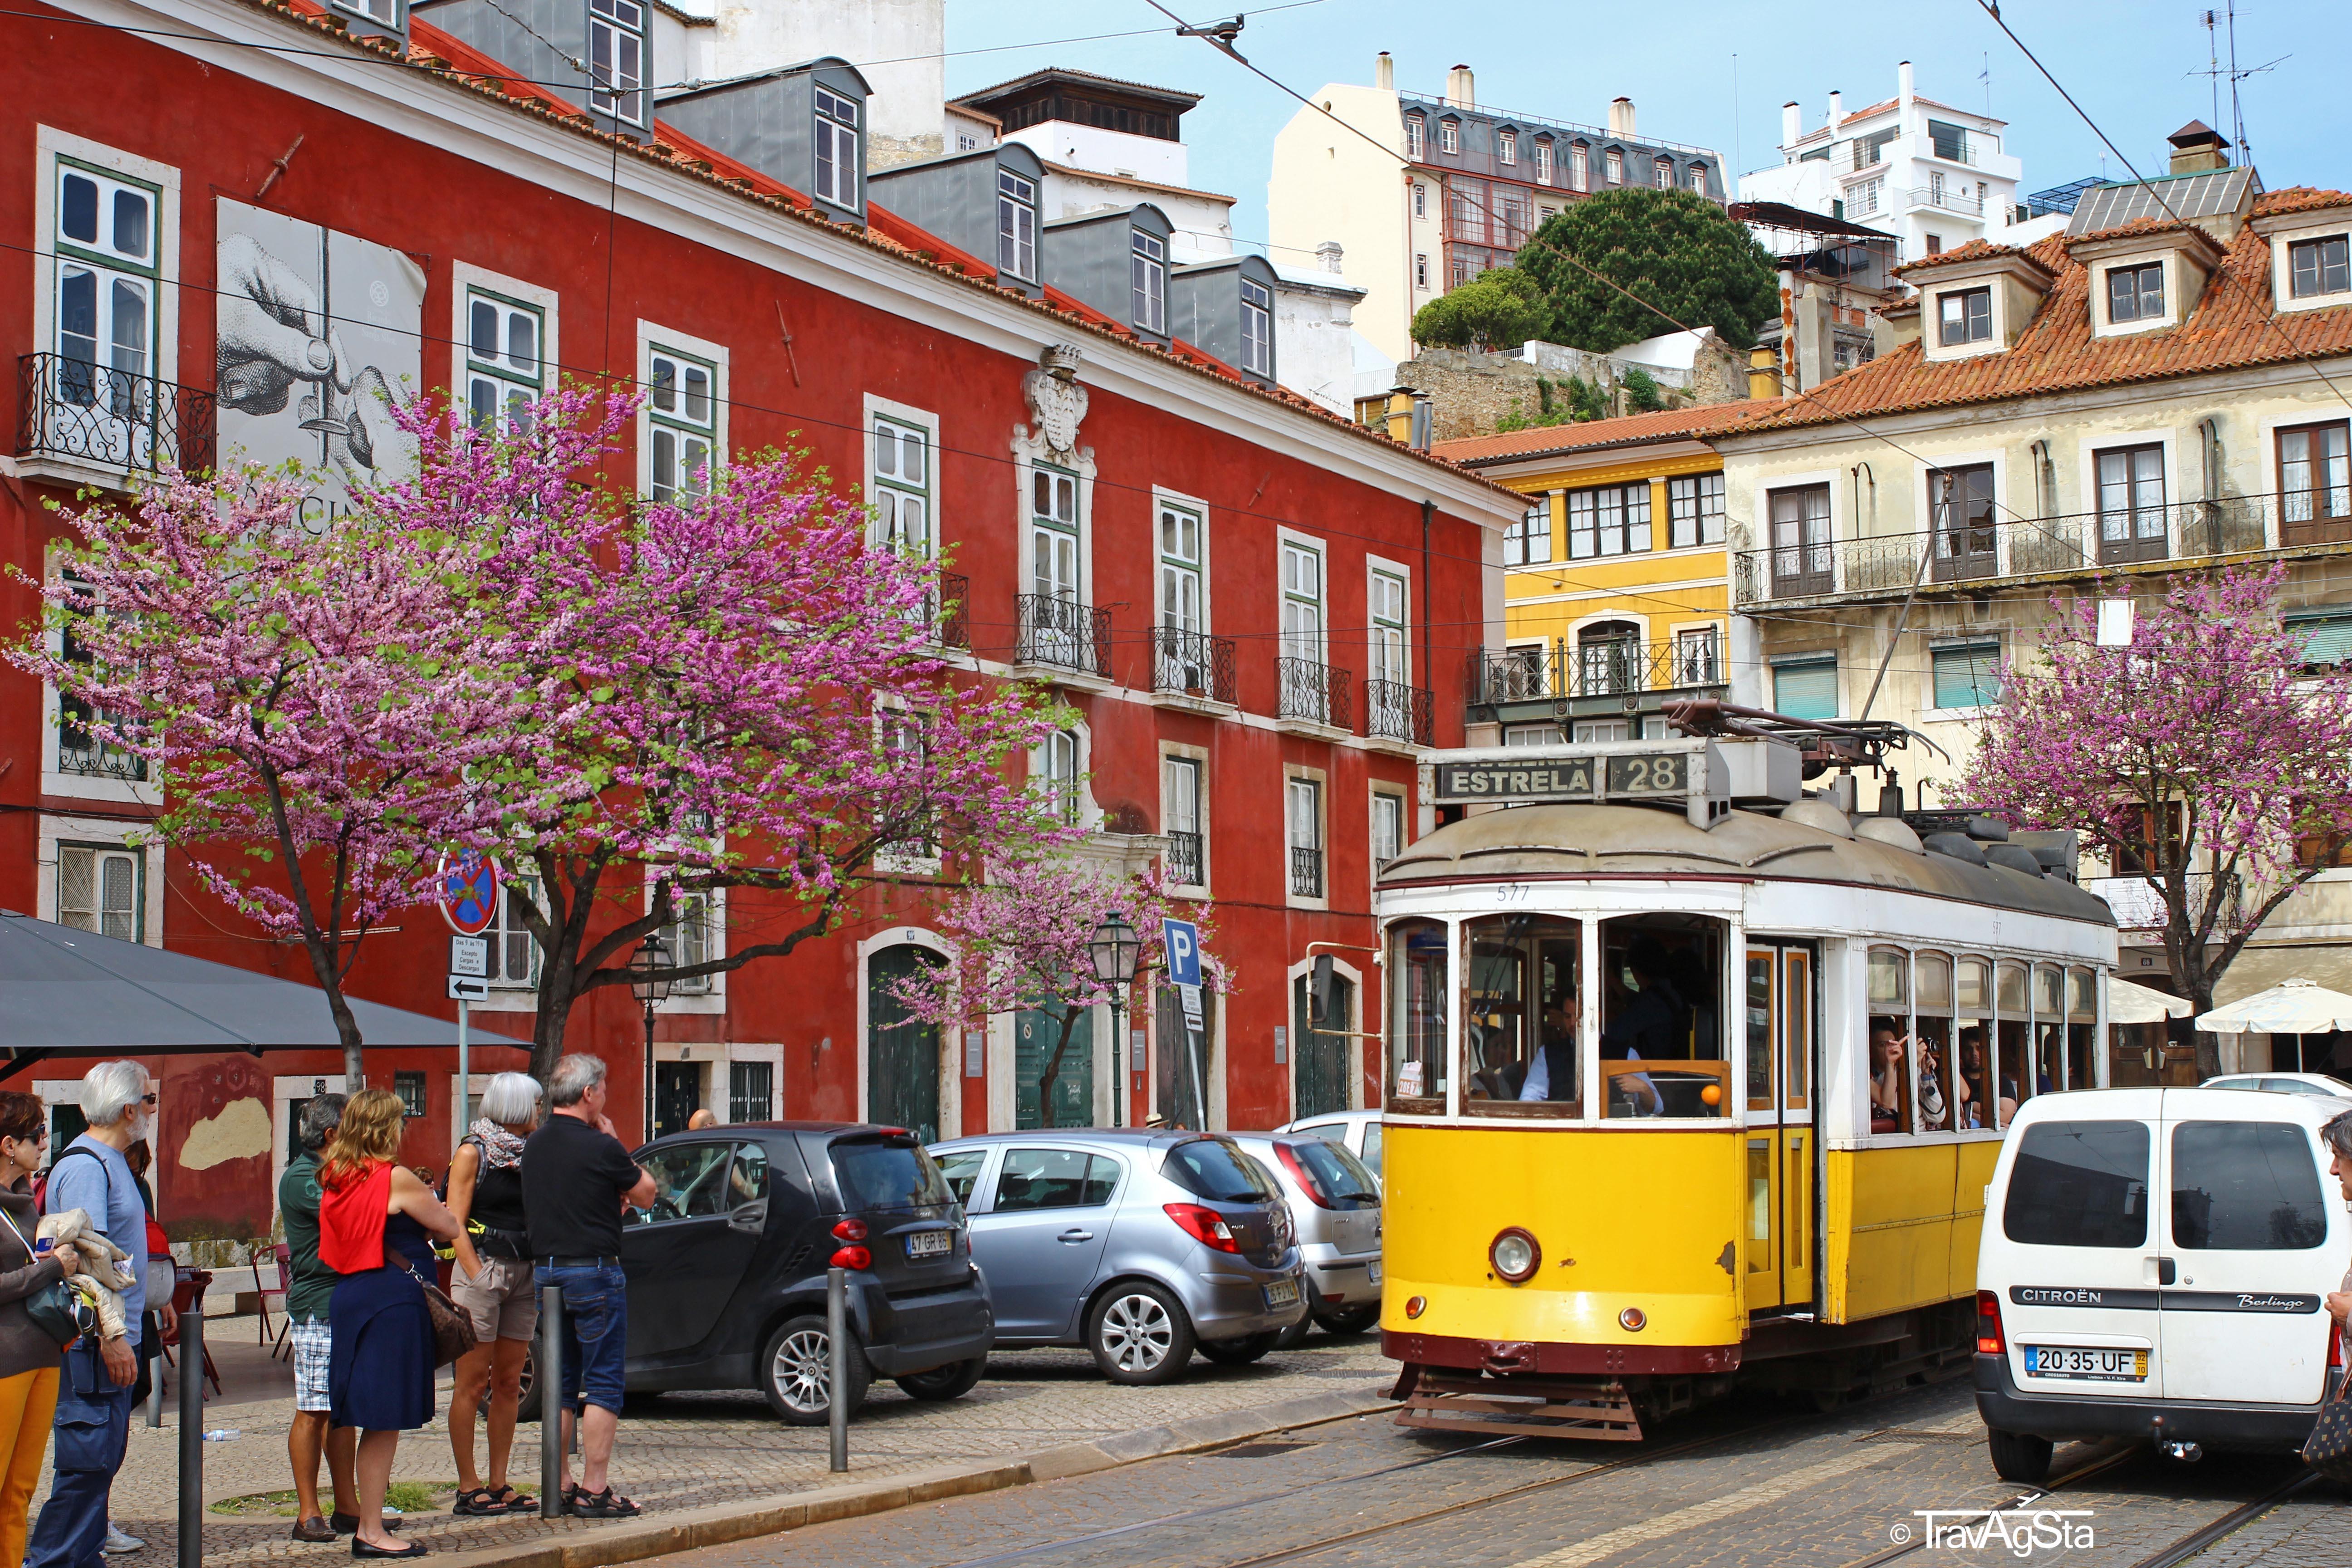 Lissabon: Perfekt für ein Osterwochenende!